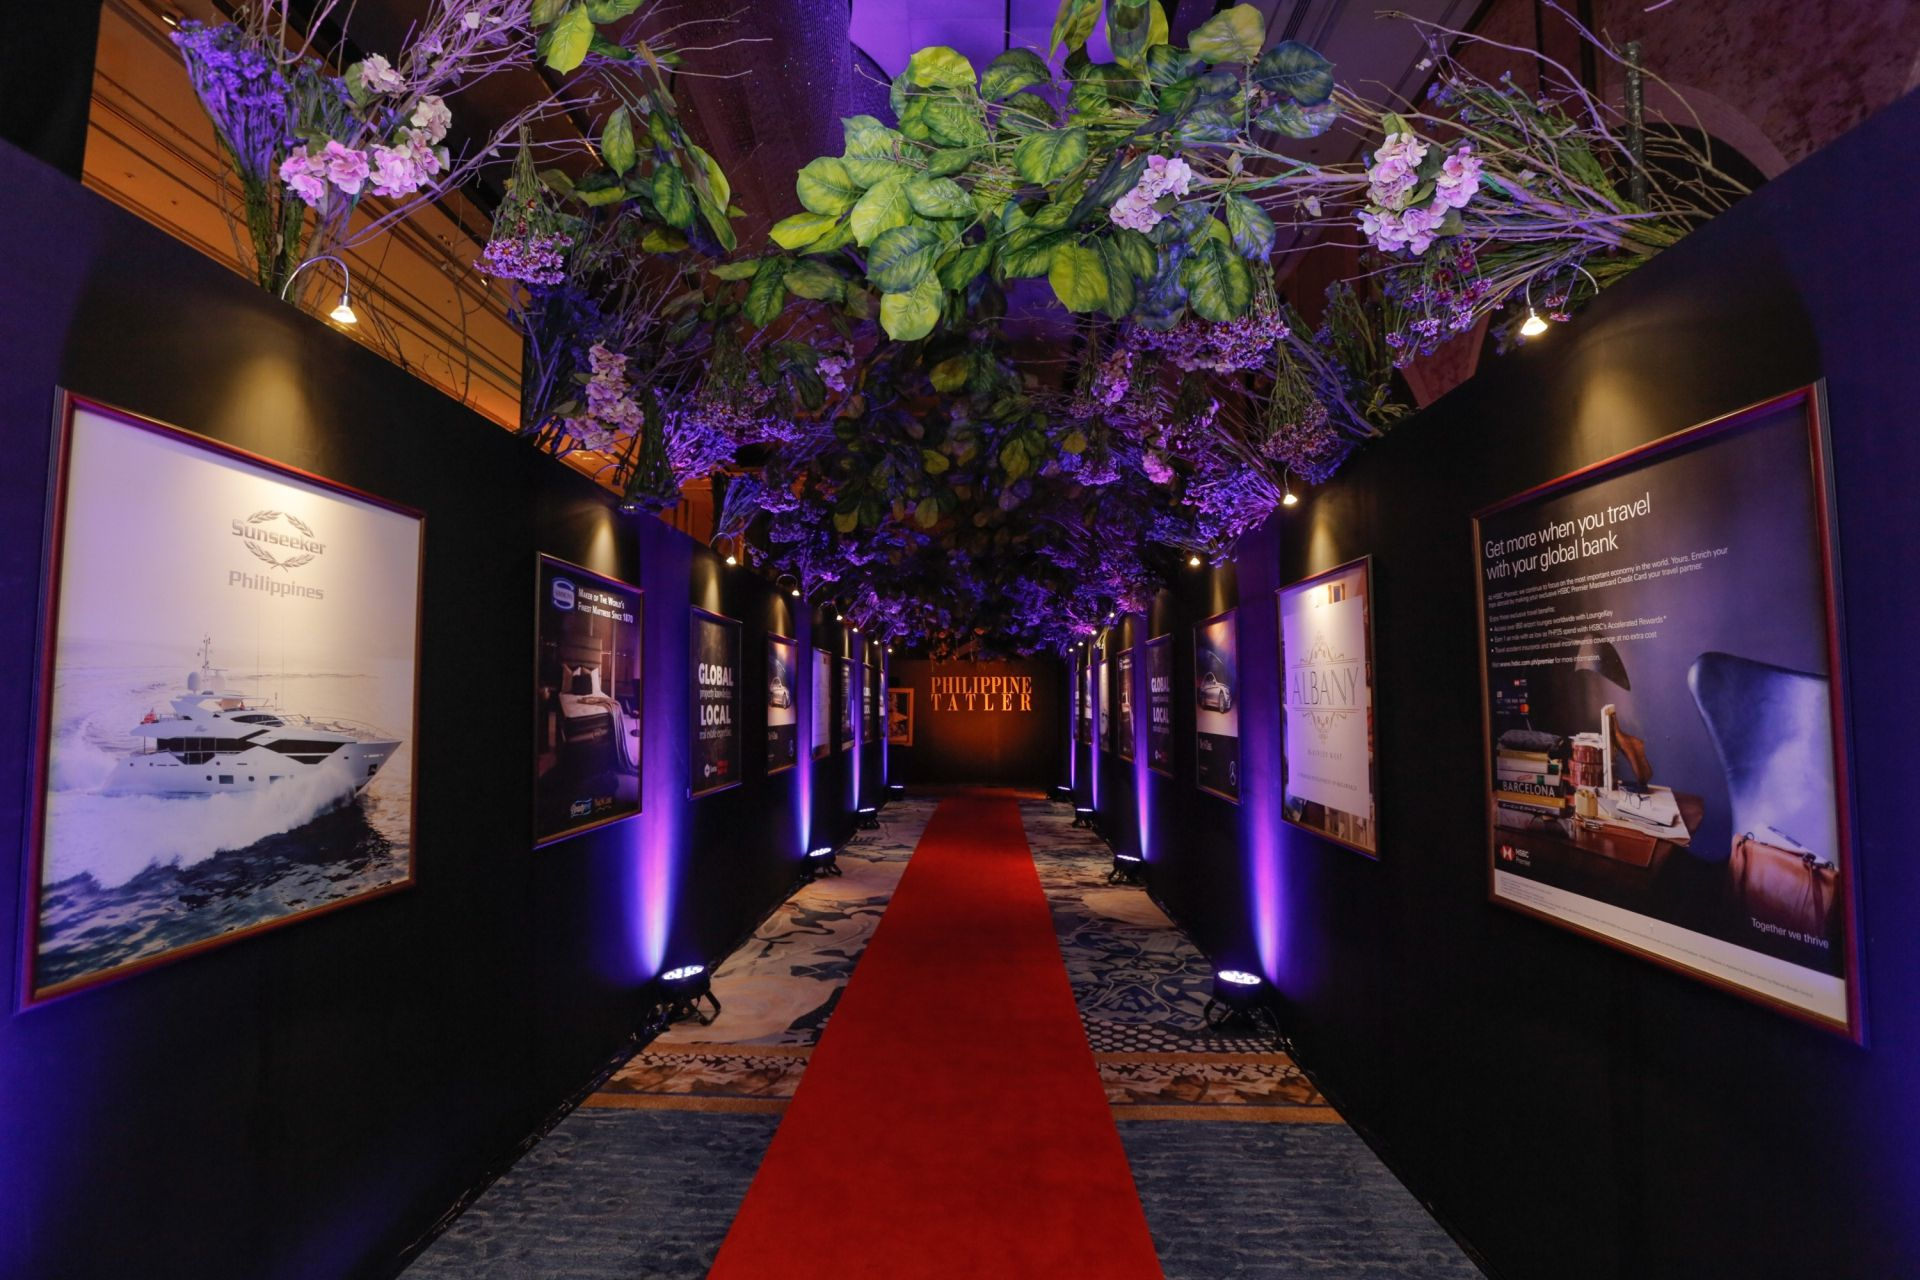 The entrance to the ballroom